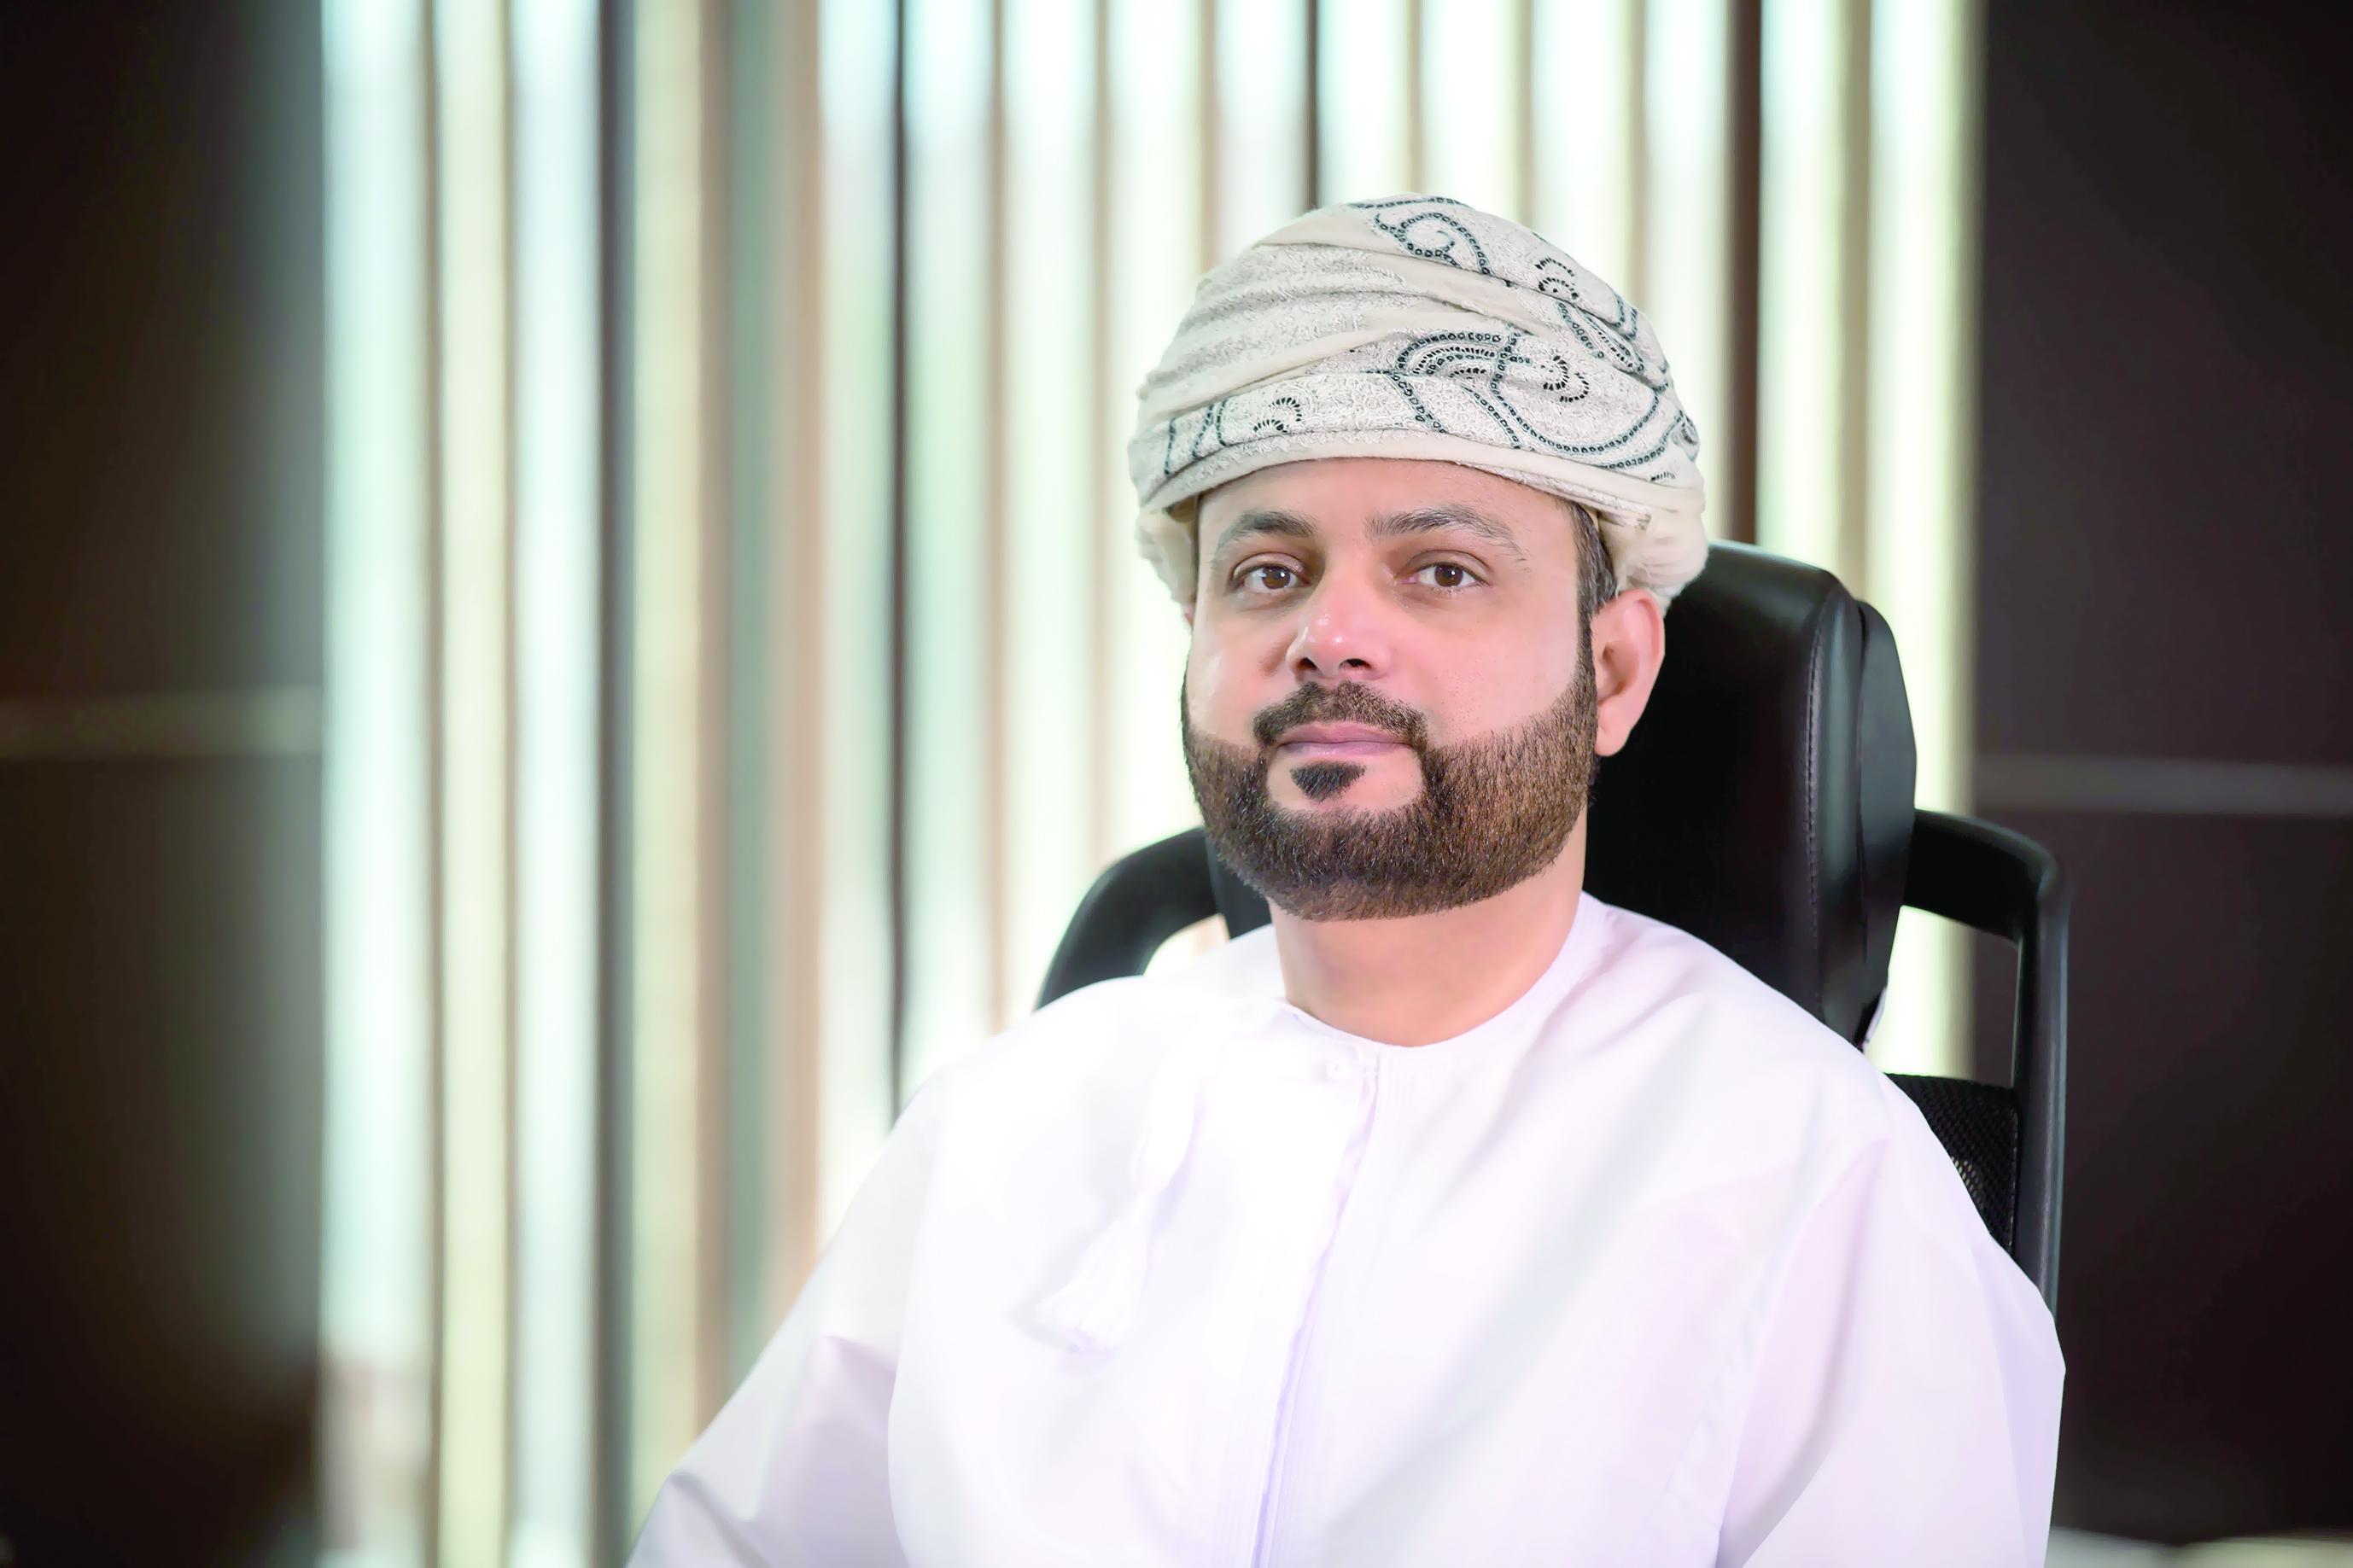 عمانتل أقوى علامة تجارية عُمانية ضمن أقوى 50 علامة بالشرق الأوسط